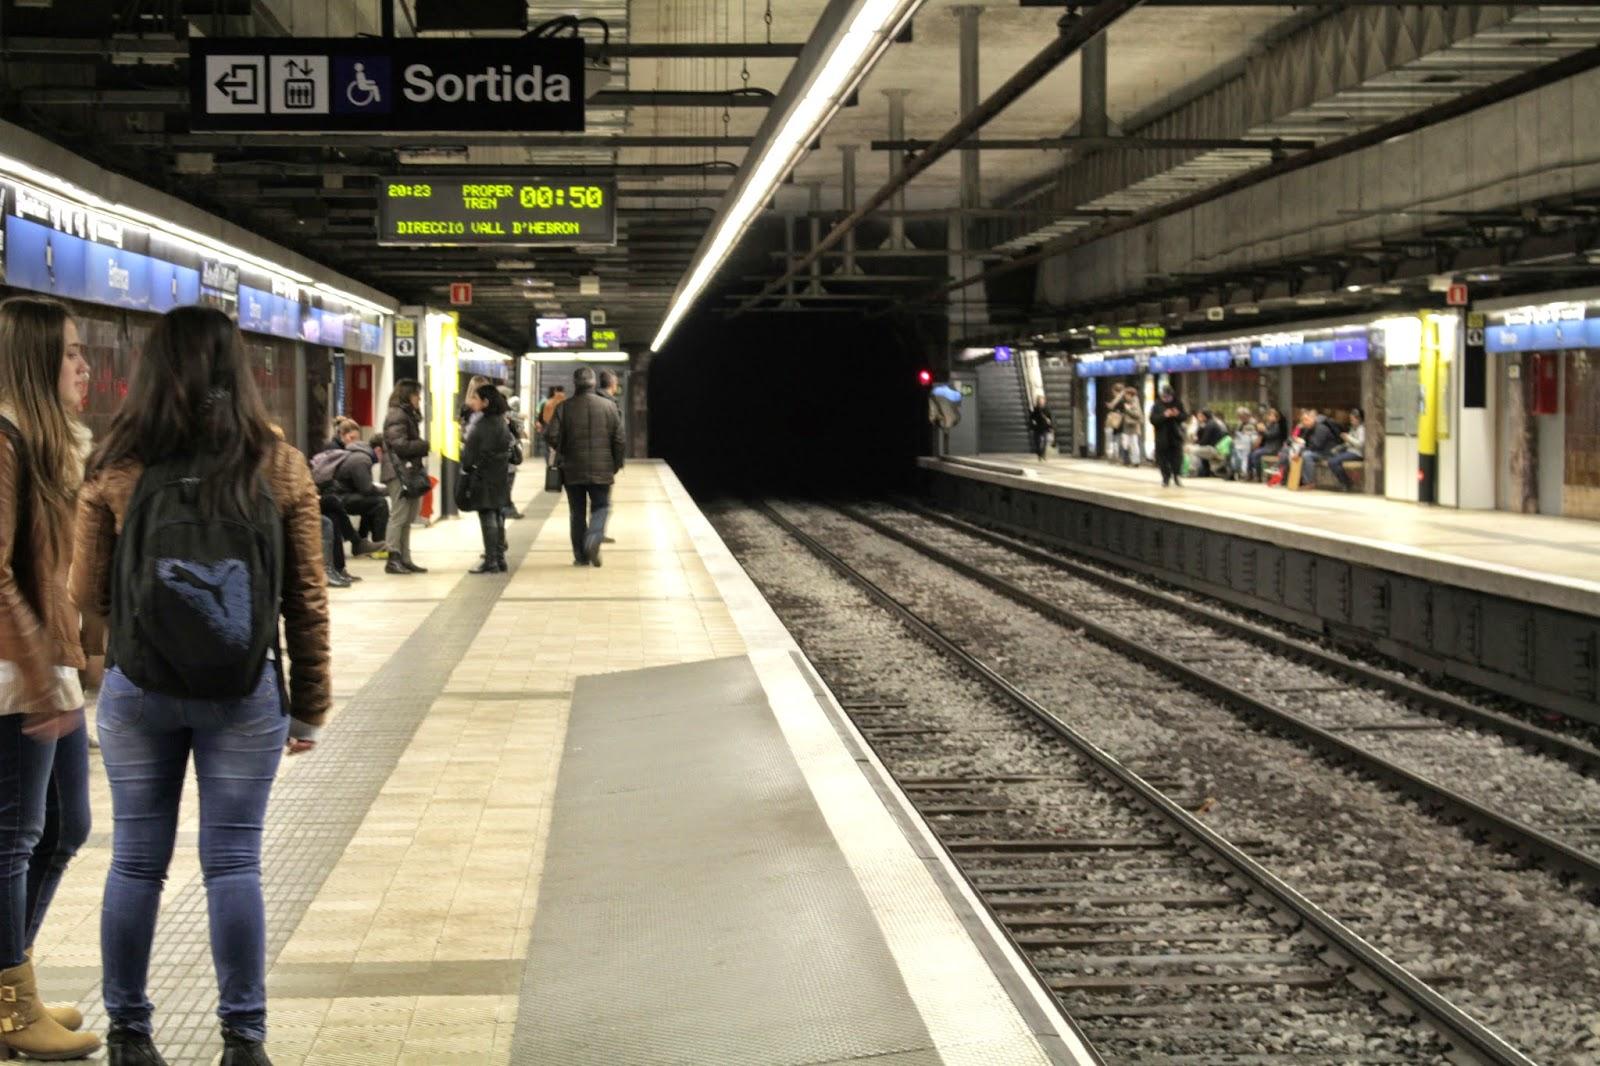 historias de un momento - metro barcelona